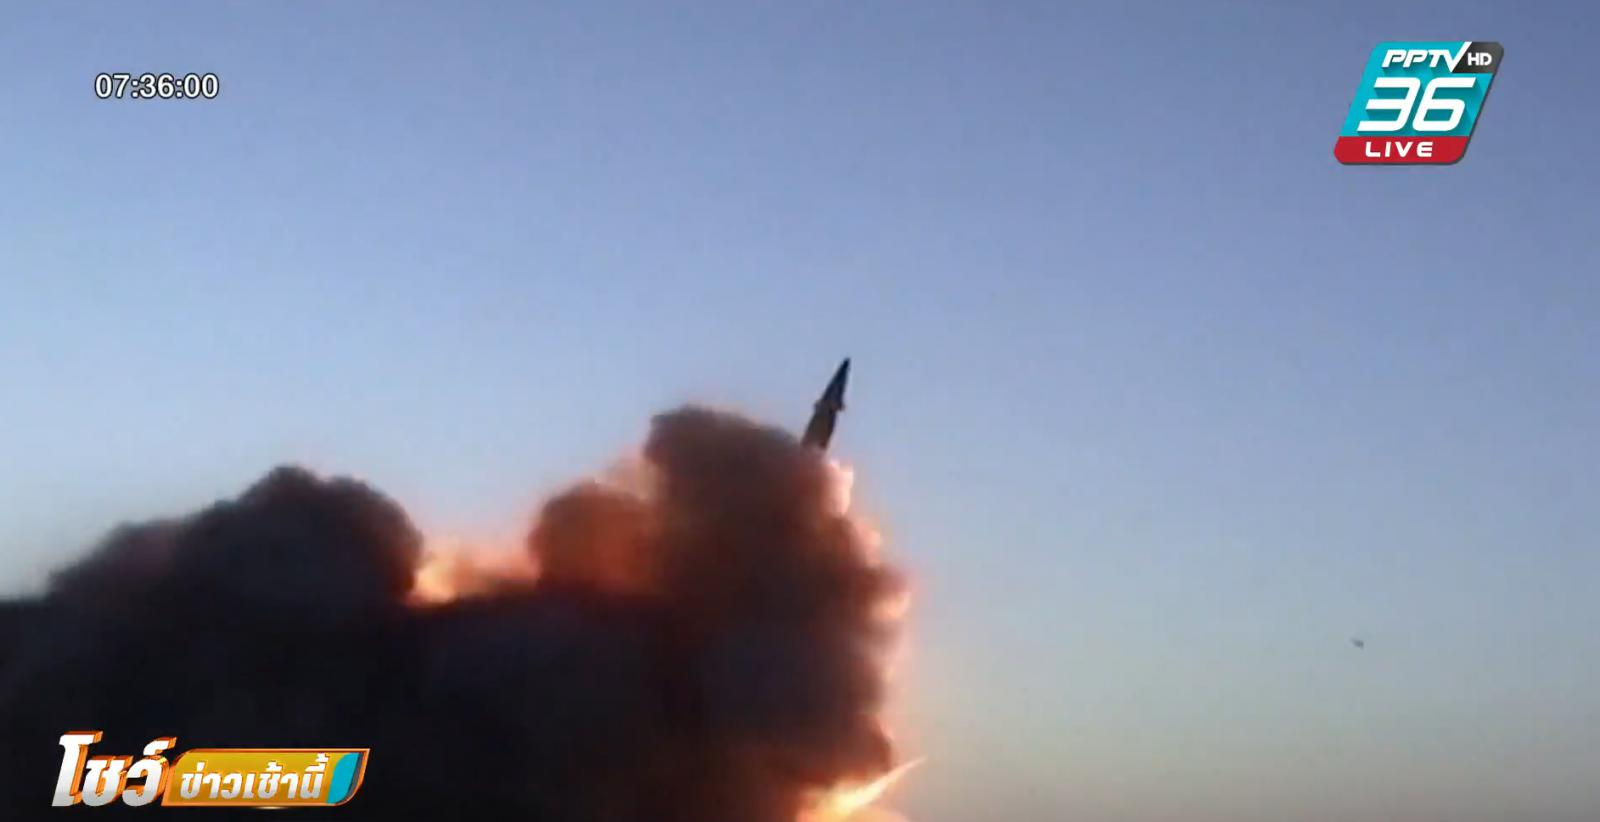 """อิหร่าน เผย ขีปนาวุธ 2 รุ่นใหม่ ตั้งชื่อ """"สุไลมานี"""" เย้ยสหรัฐฯ"""